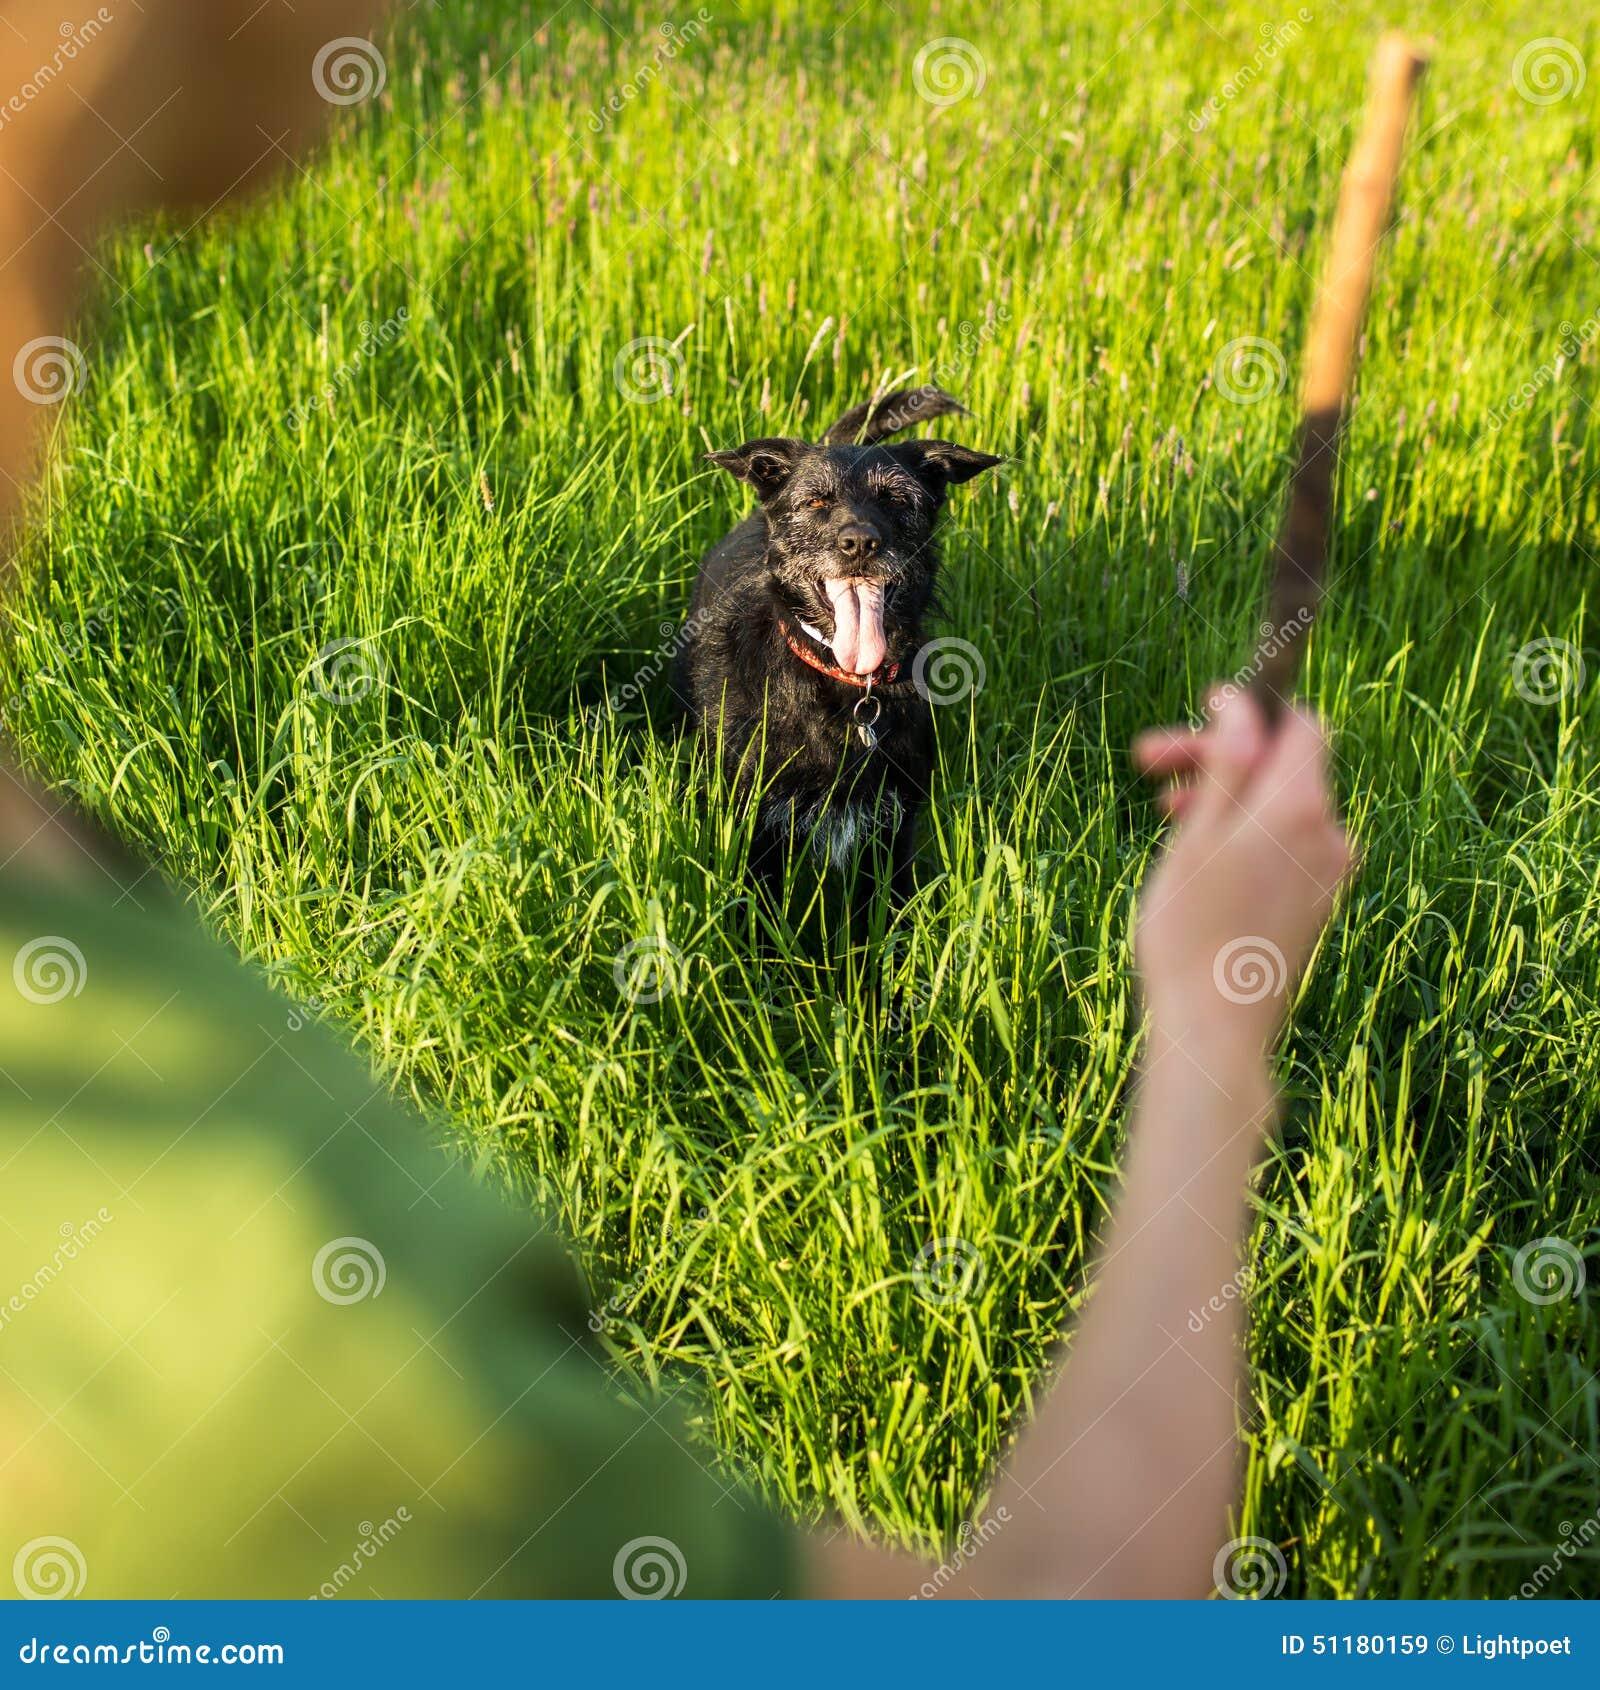 遛狗-投掷棍子对取指令